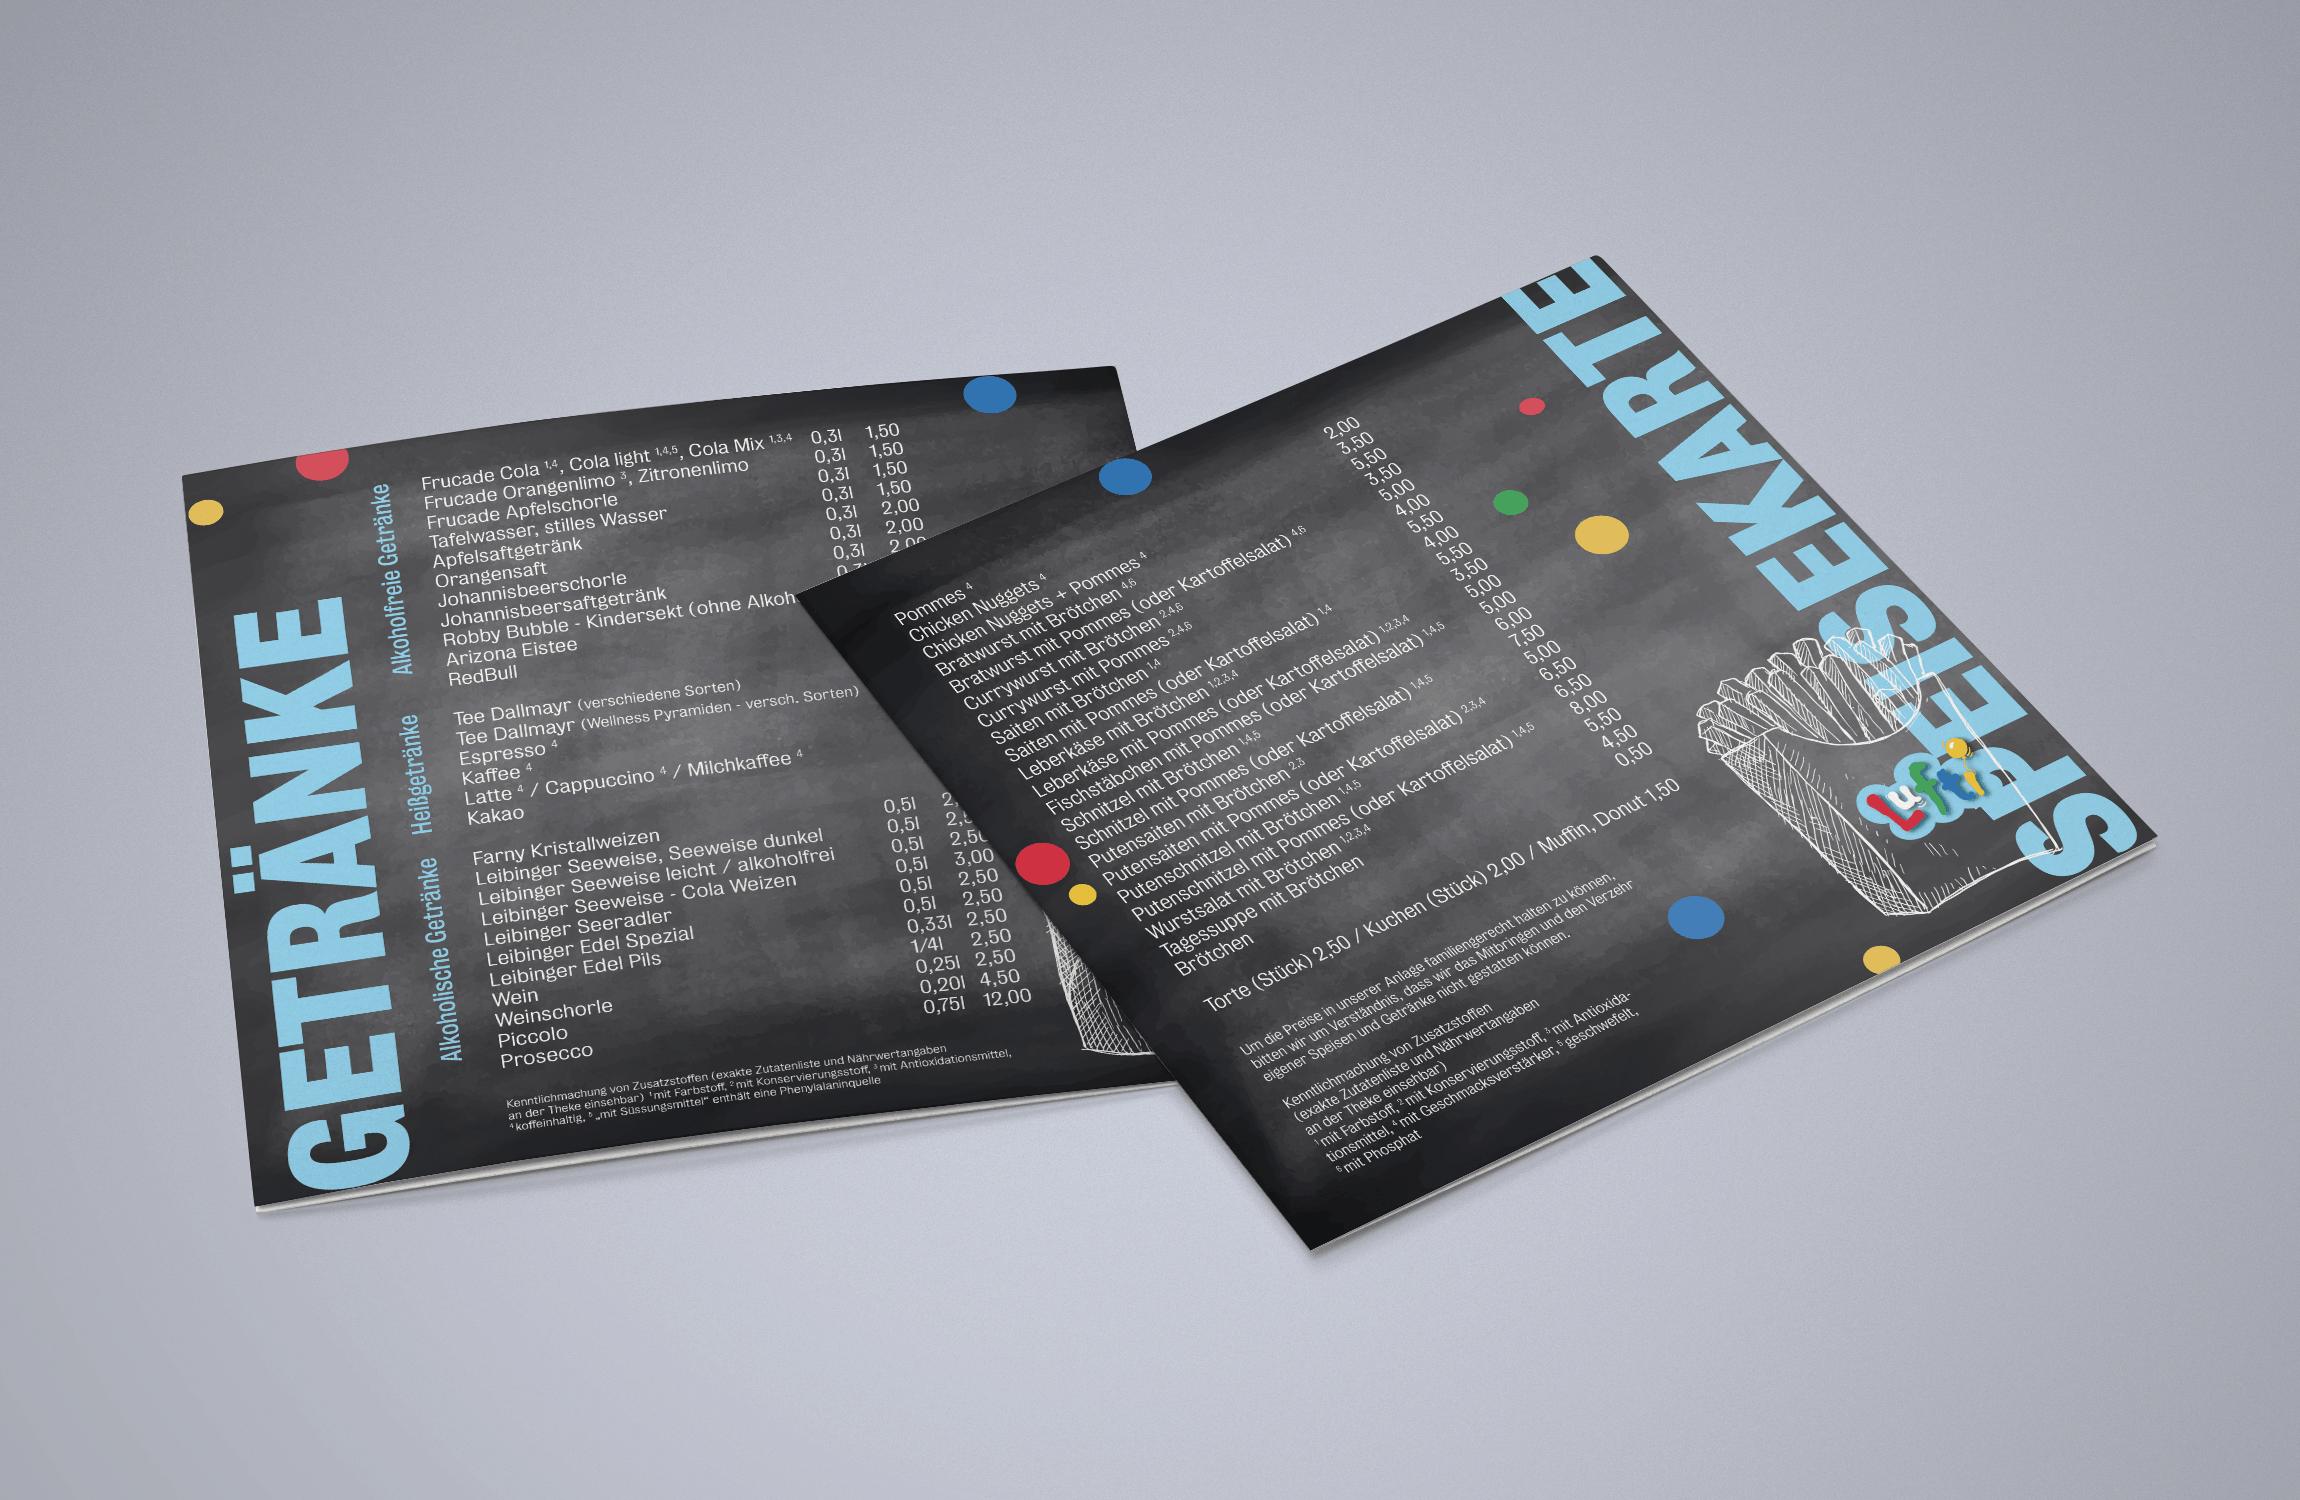 Für die Lufti Kinderspielewelt haben wir das Design der Speisenkarte übernommen